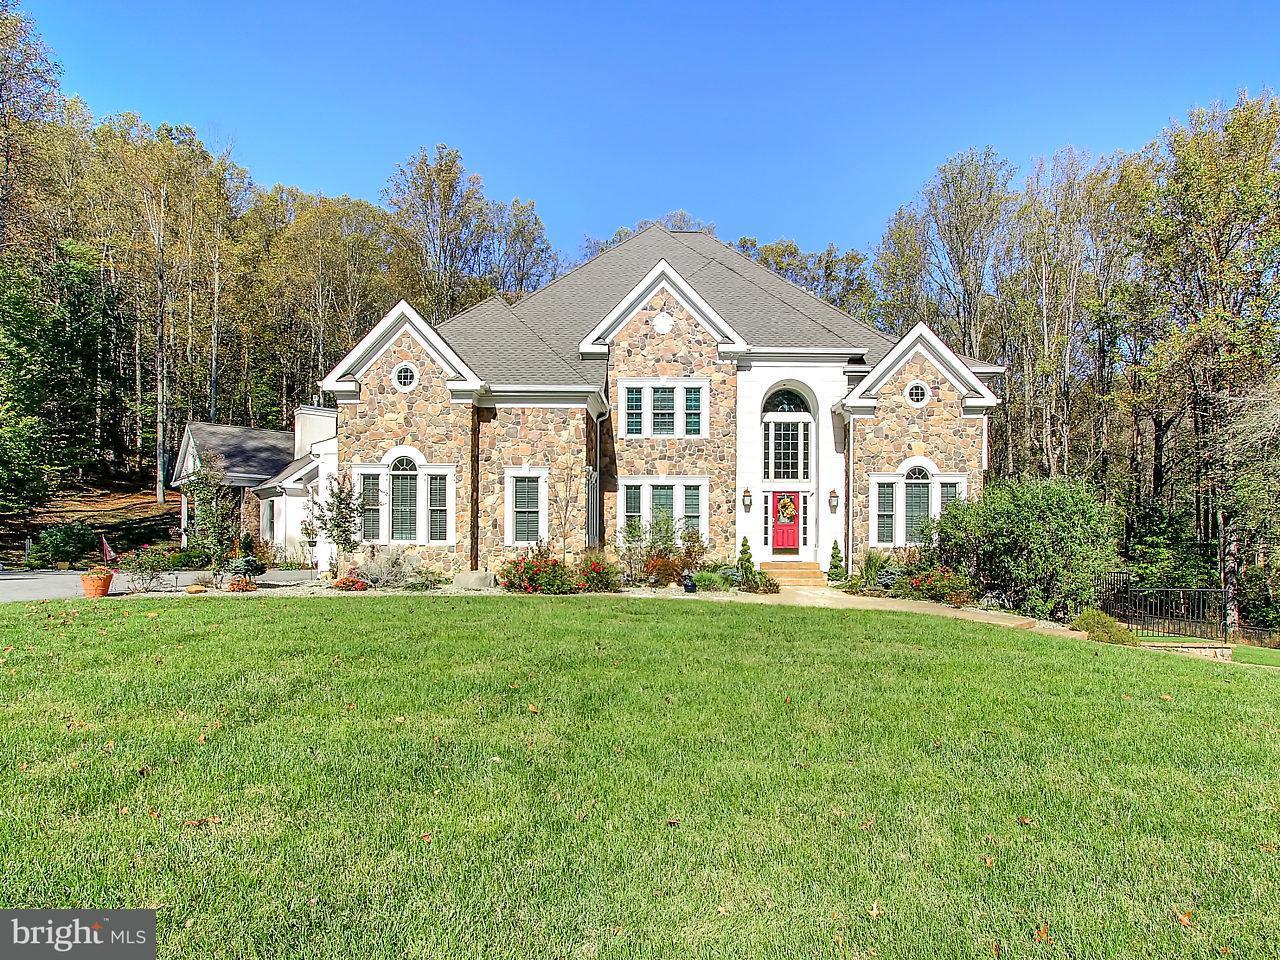 Einfamilienhaus für Verkauf beim 11130 Old Carriage Road 11130 Old Carriage Road Glen Arm, Maryland 21057 Vereinigte Staaten